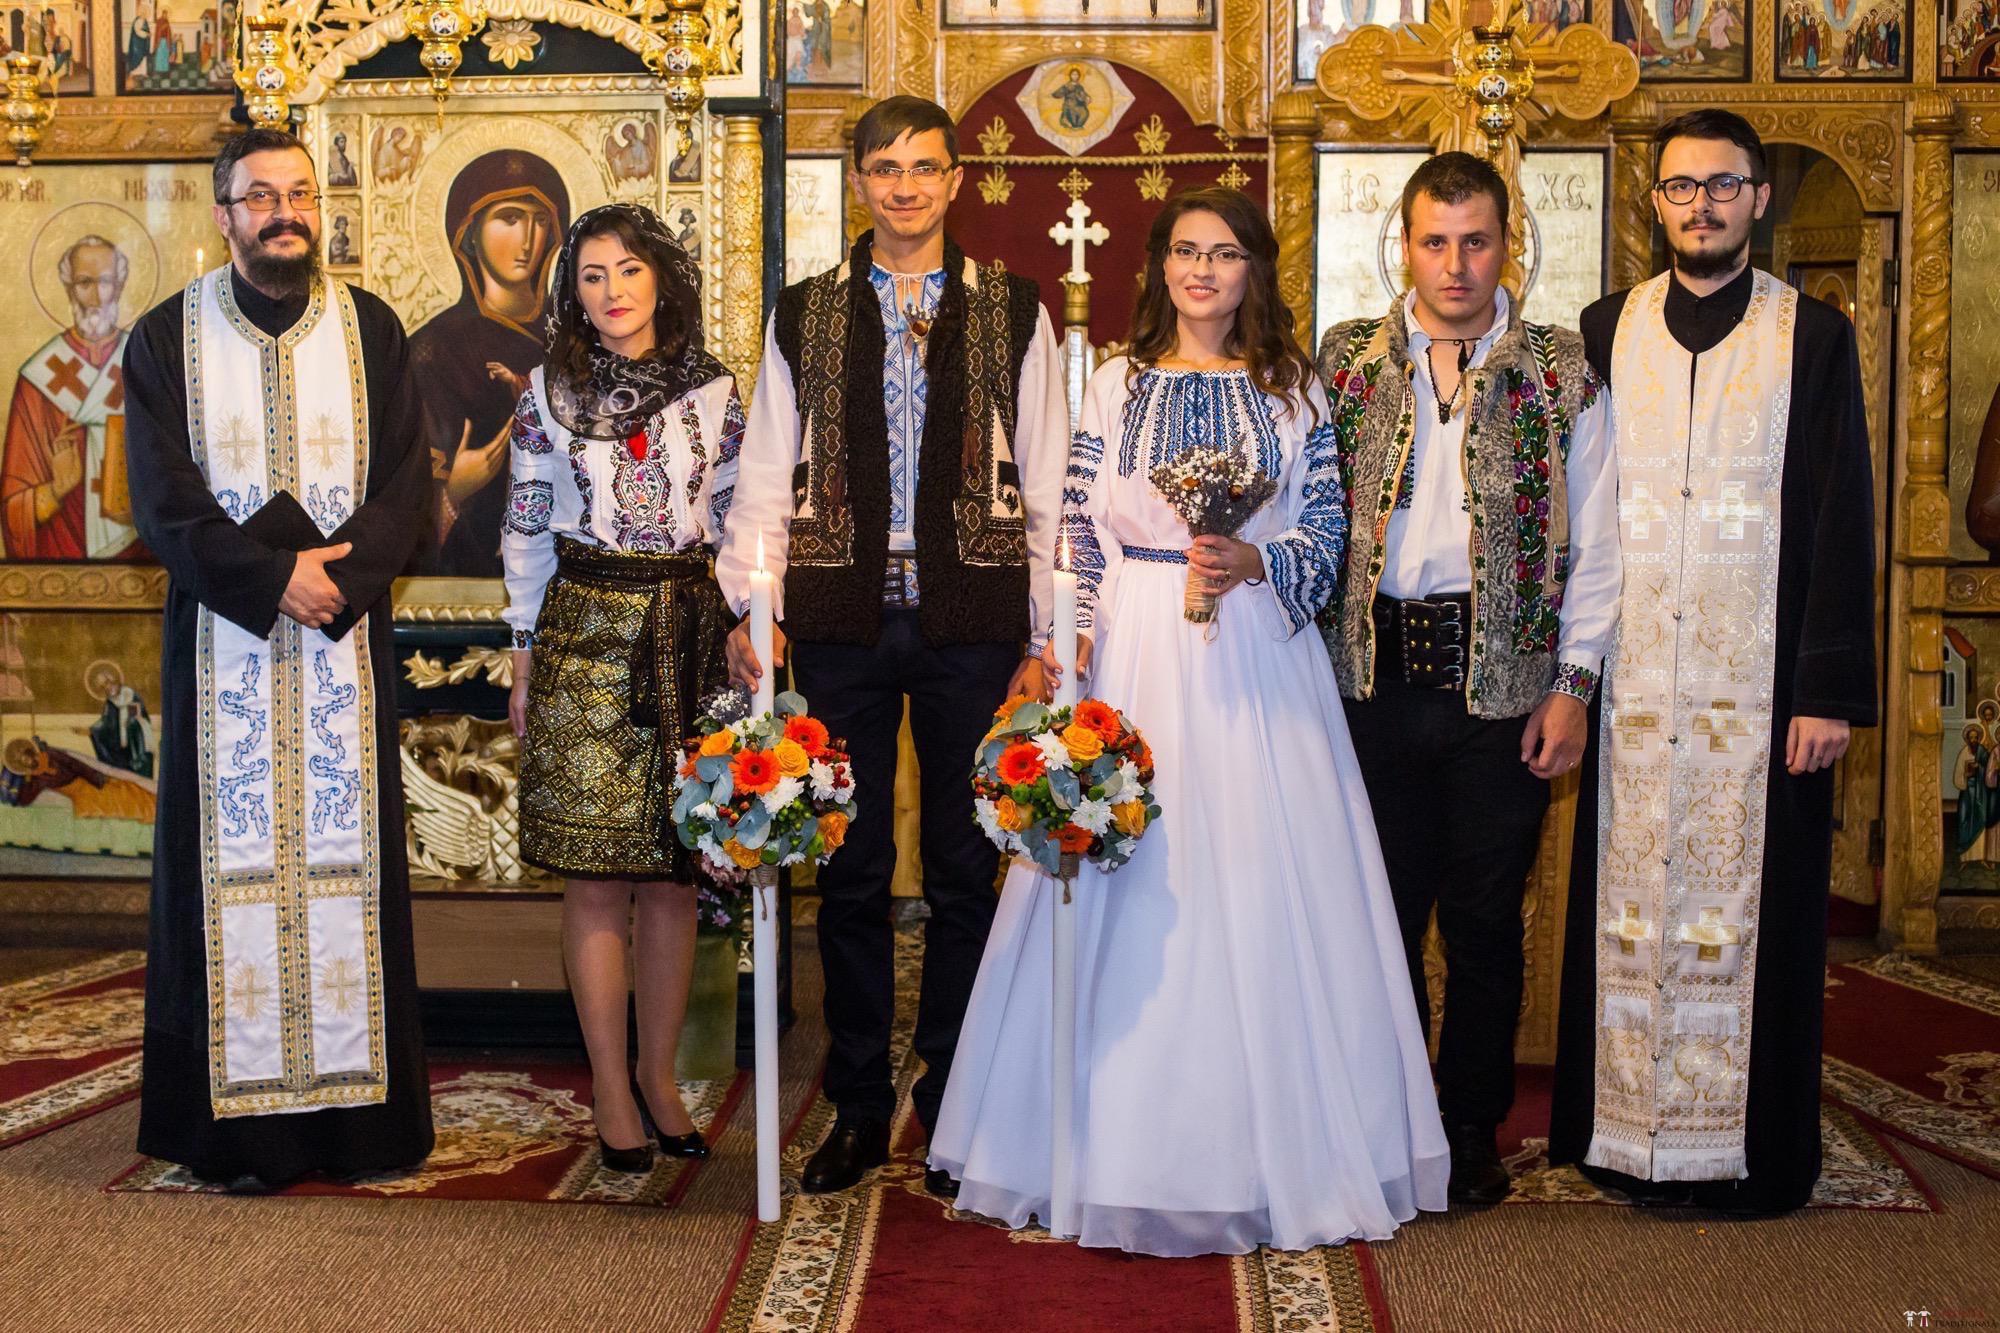 Povești Nunți Tradiționale - Ioana-Alexandra și Bogdan-Vasile. Nuntă tradițională în Fălticeni 14